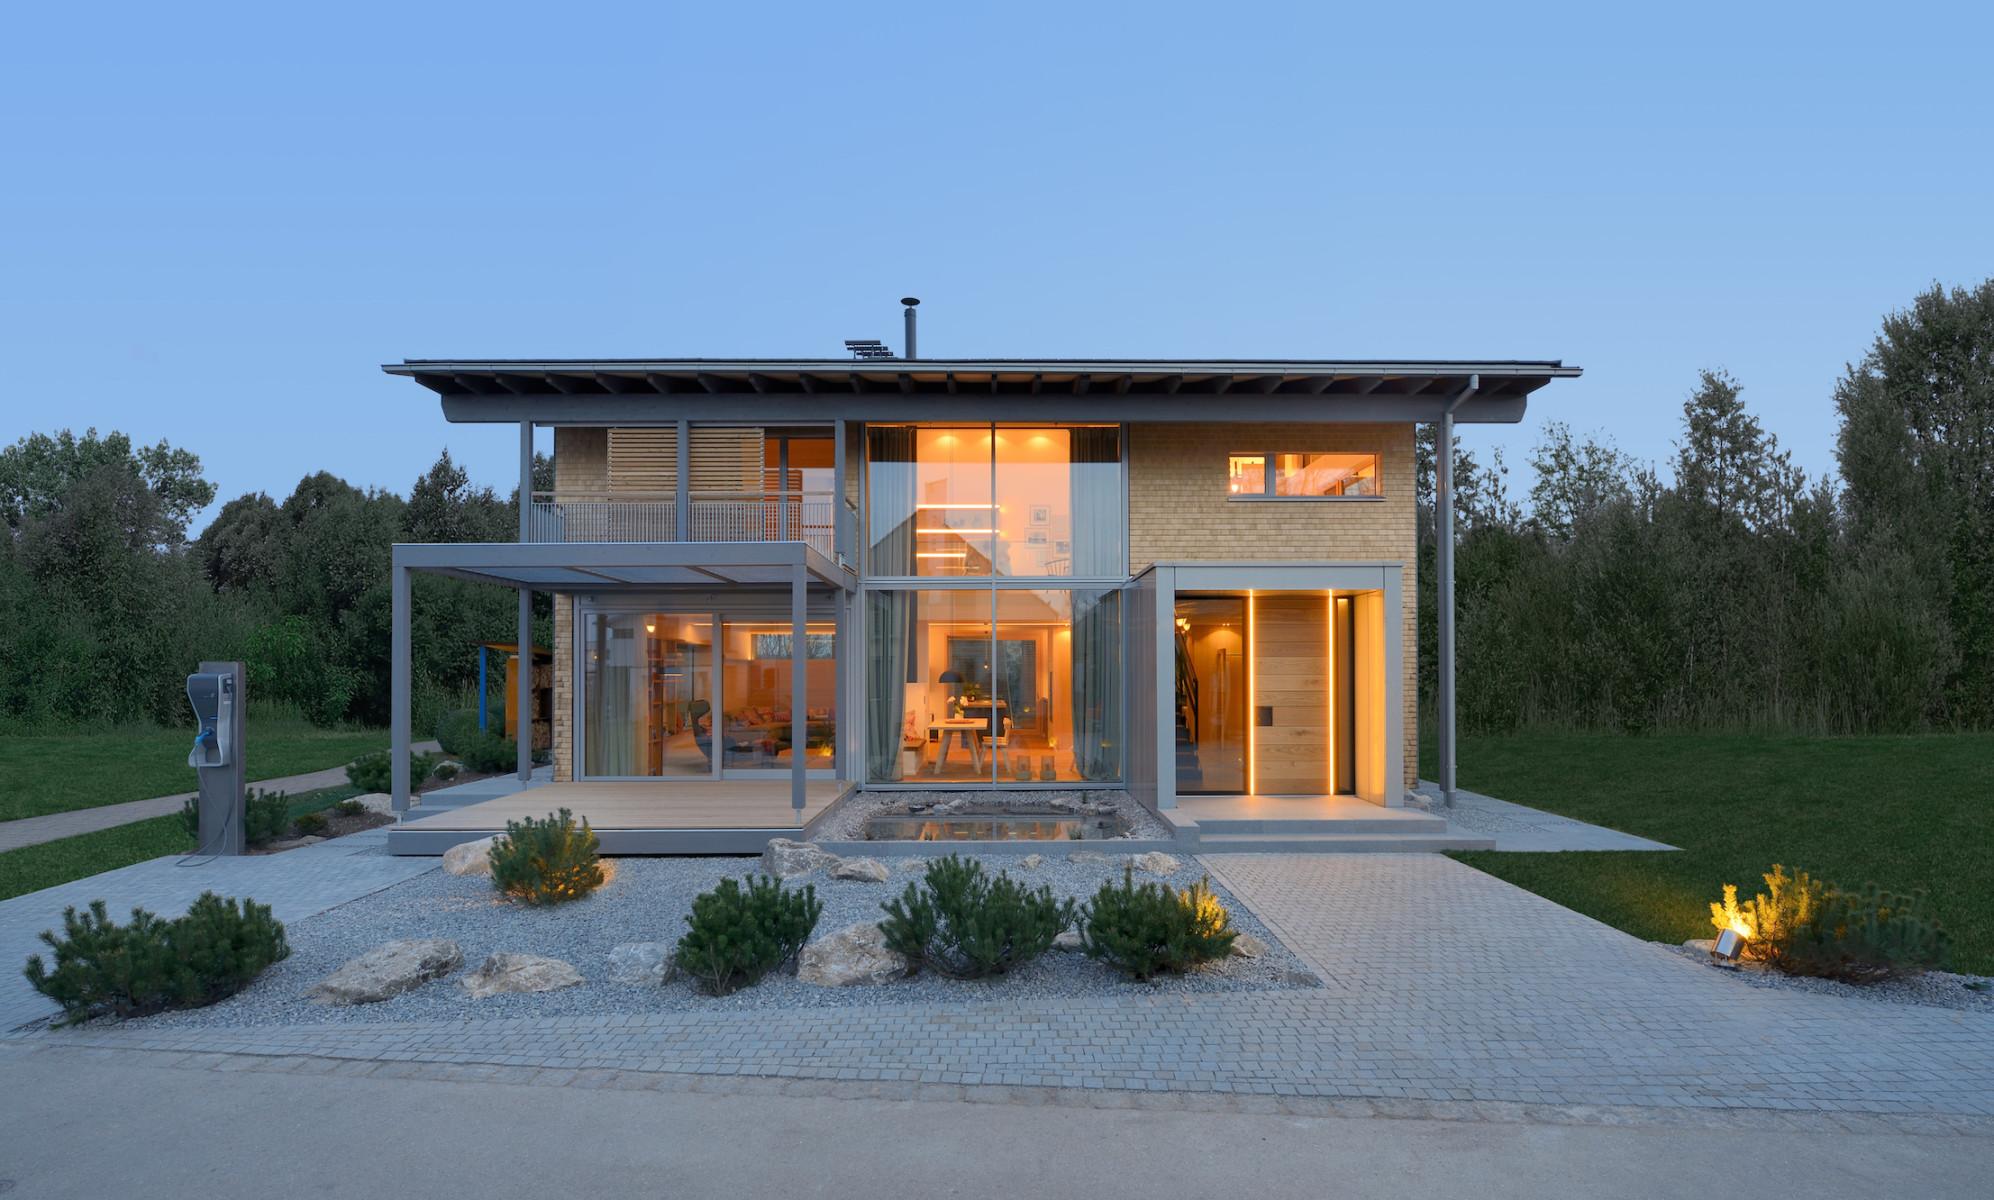 Wir Planen Und Bauen Unser Haus  Hausbau  Ratgeber